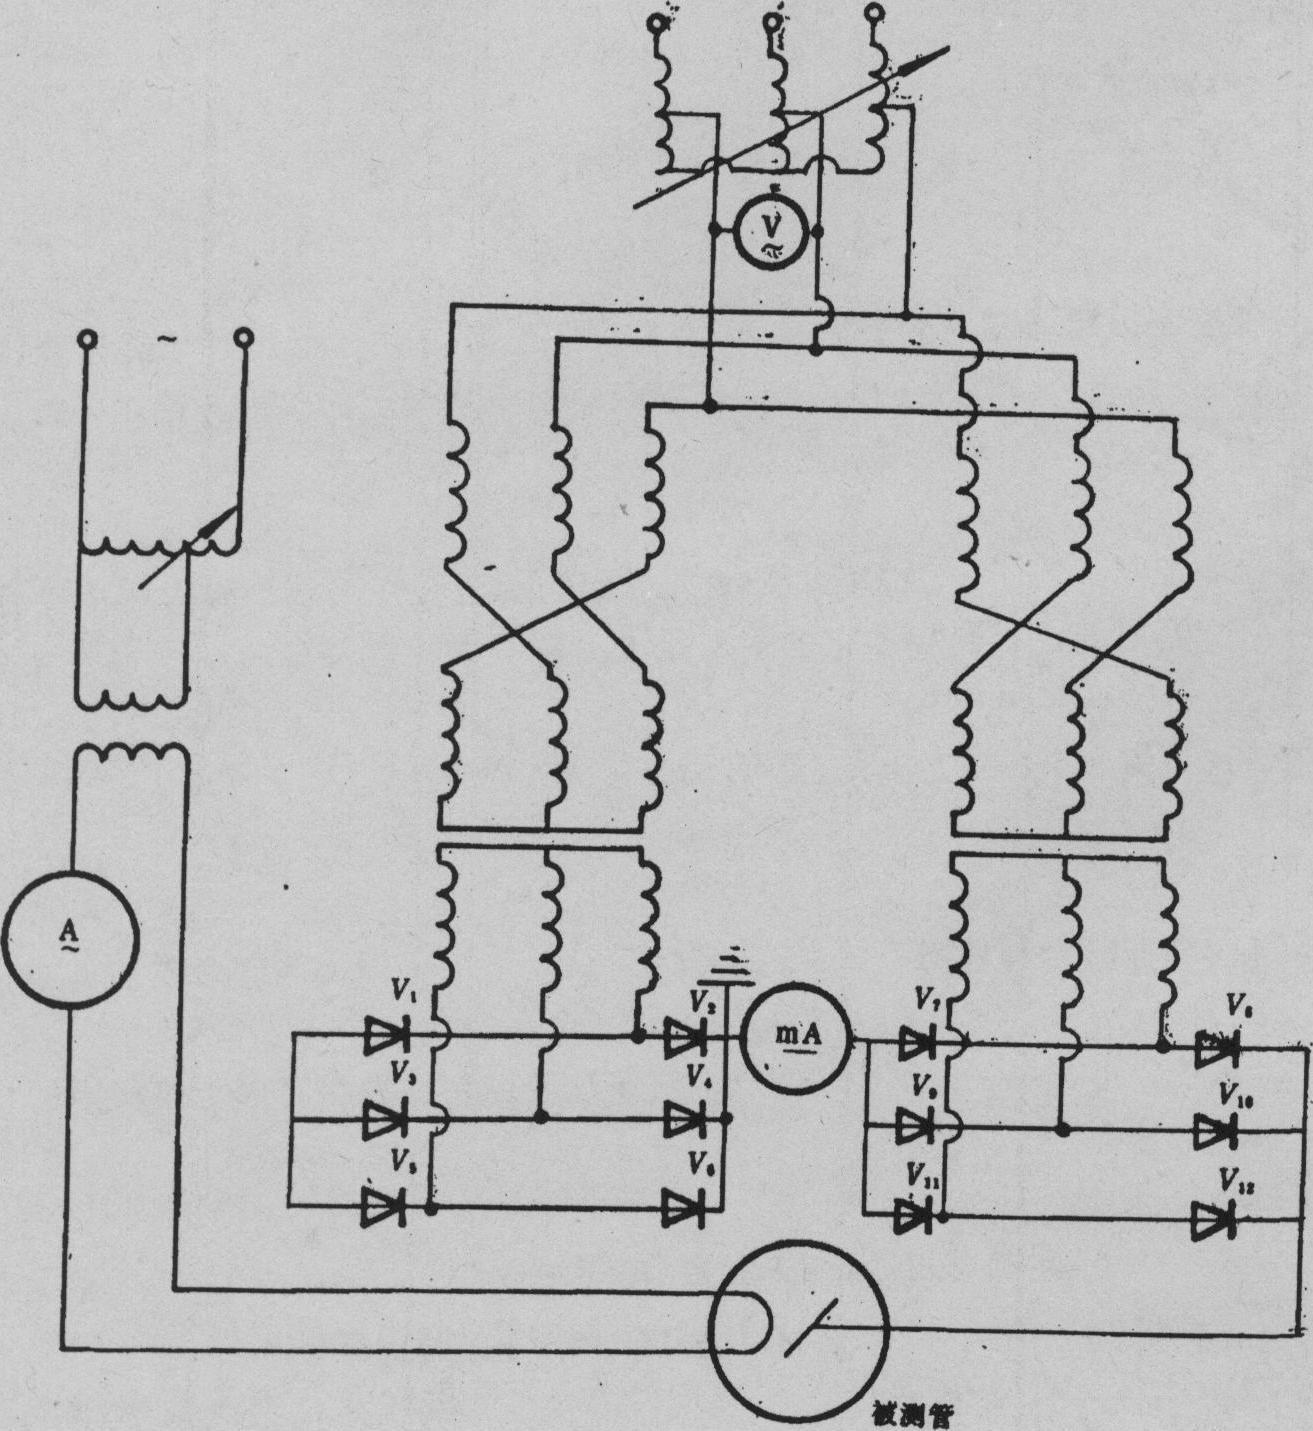 波电阻性负载整流电路:由于半导体二极管d的单向导电特性,只有当